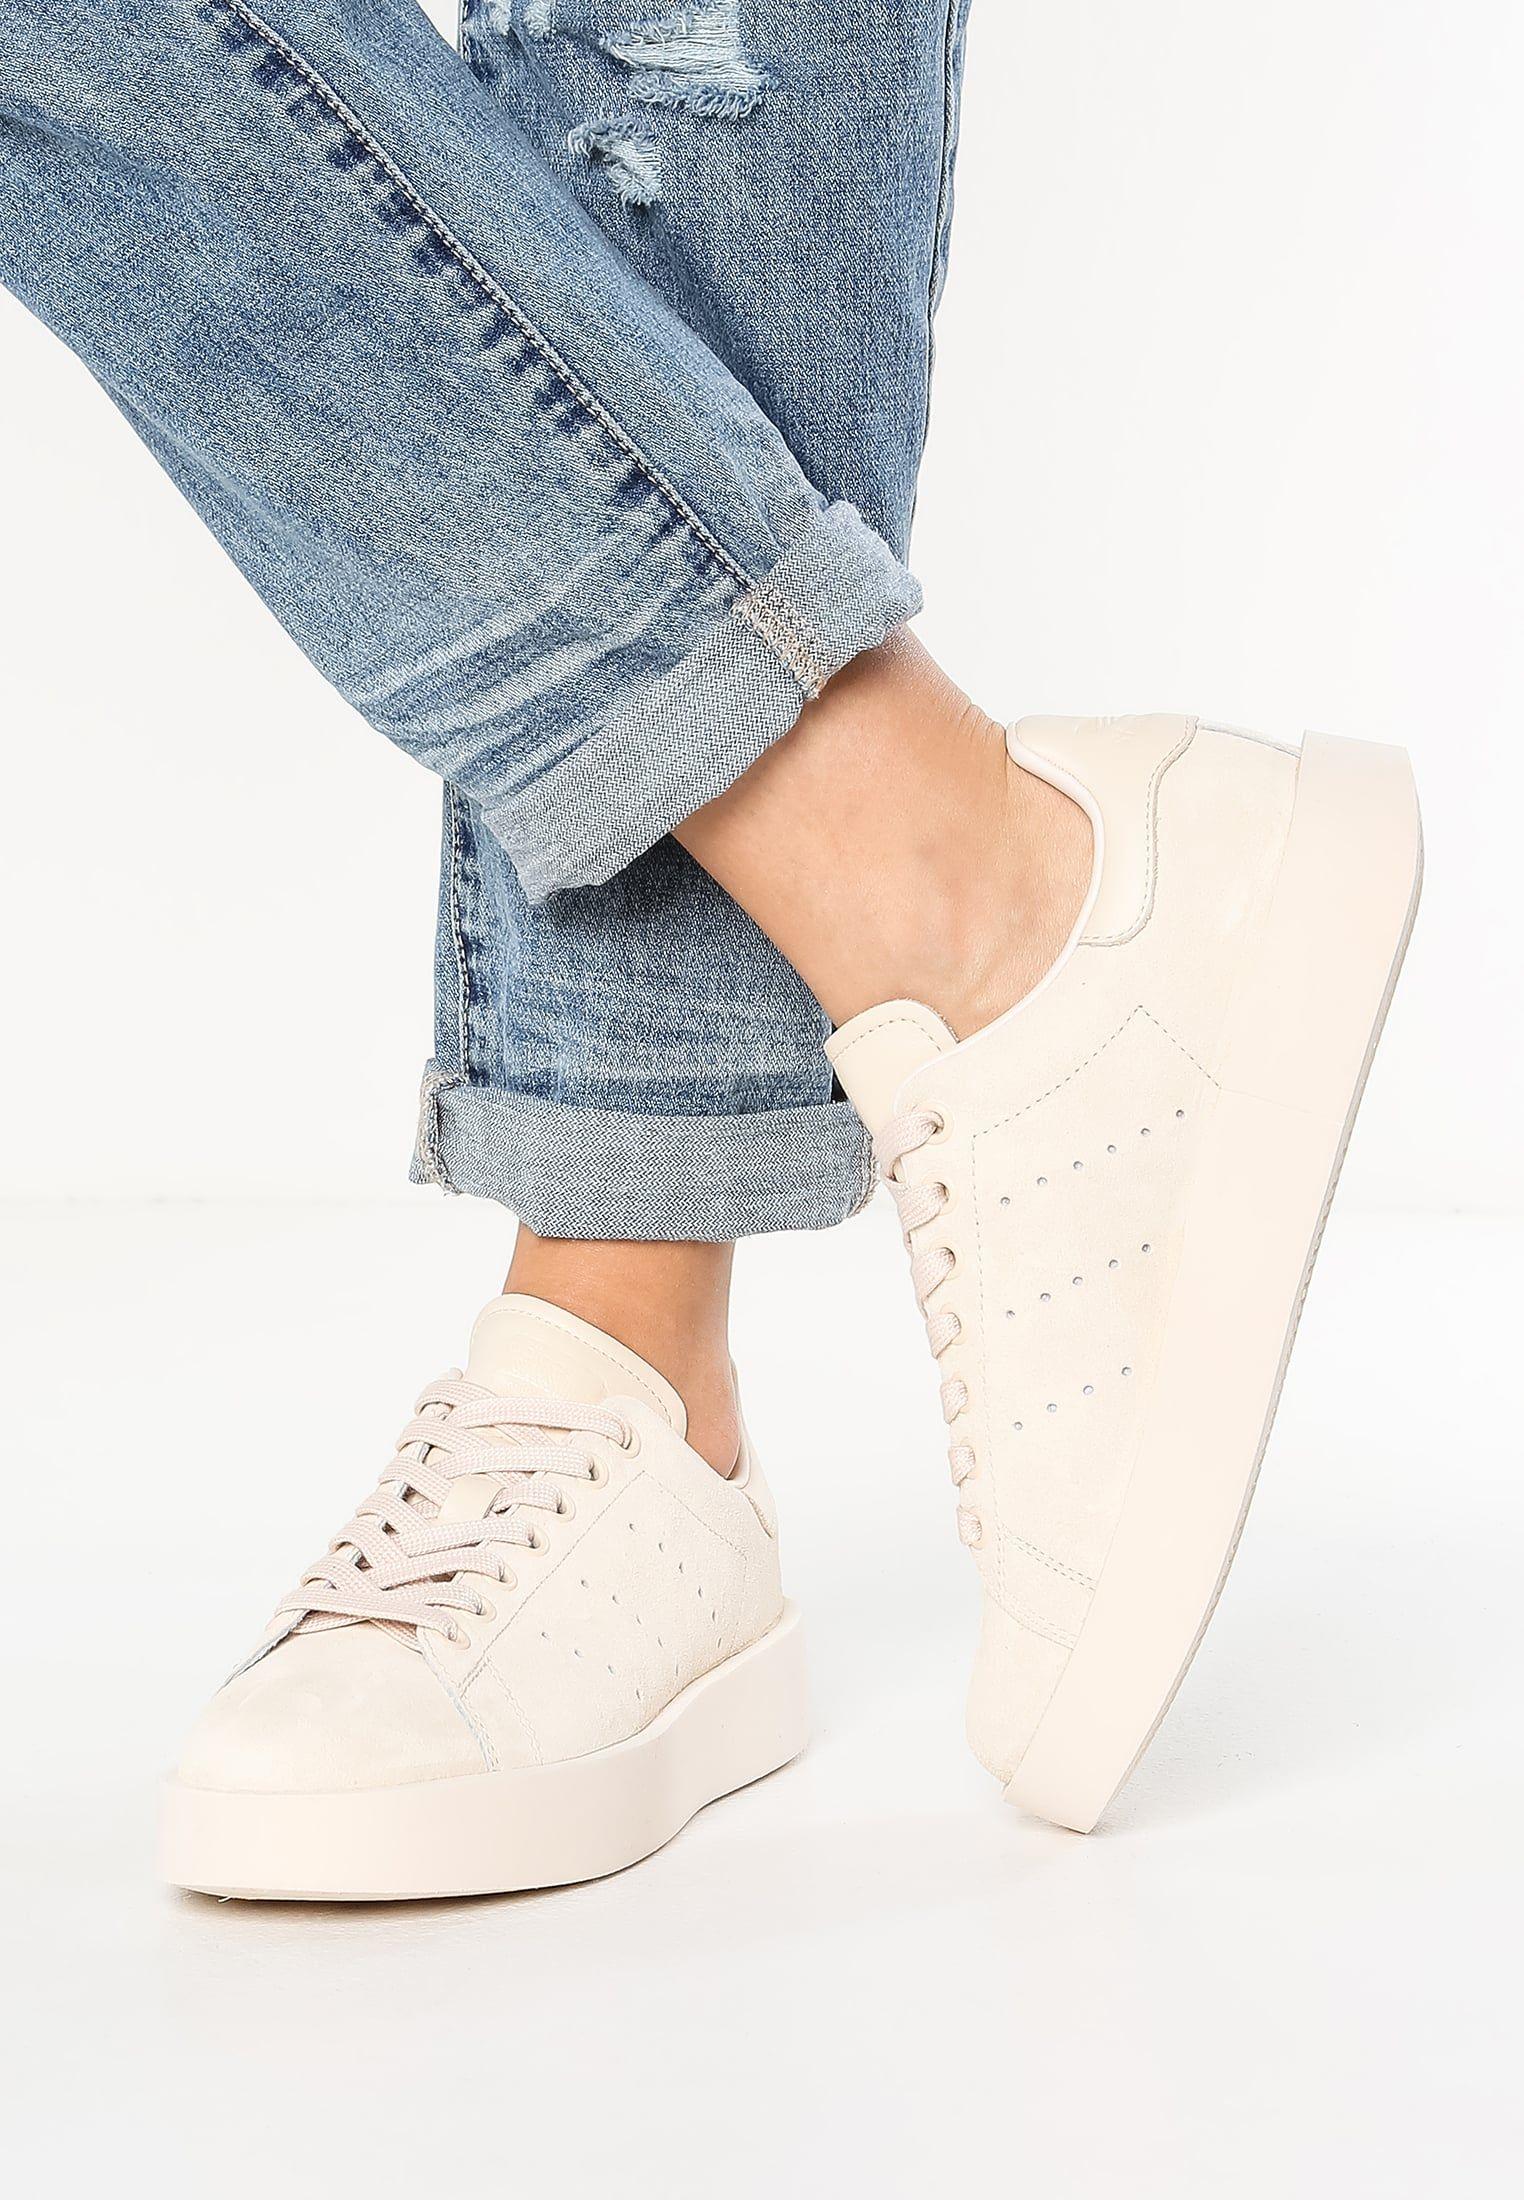 adidas Originals STAN SMITH BOLD - Zapatillas sand zJTQ8g4Dmt